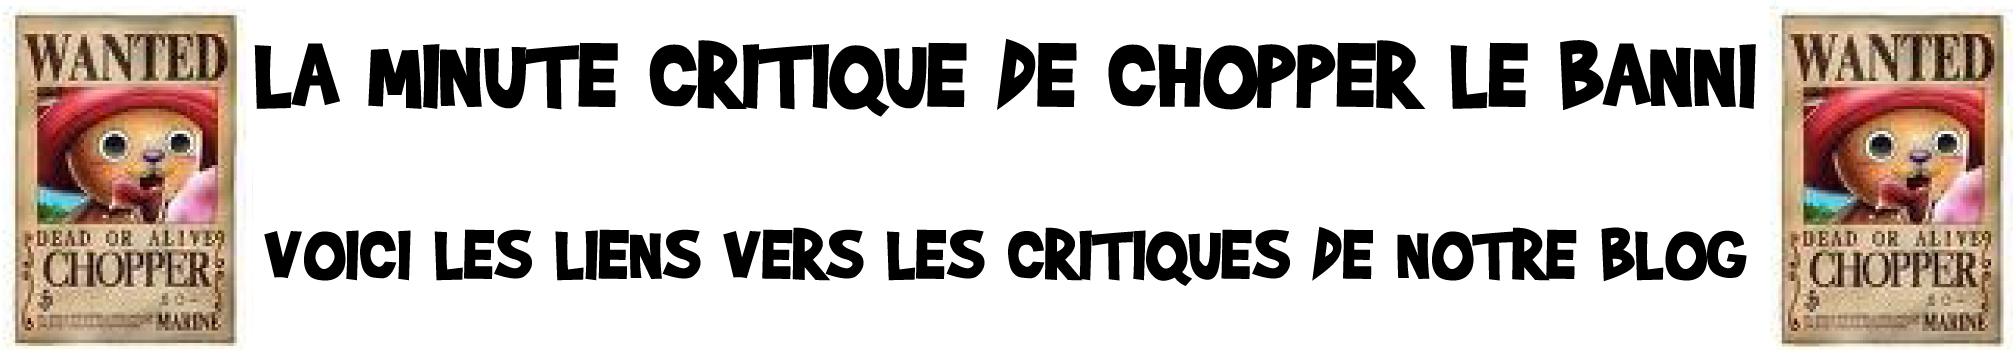 banniere critiques